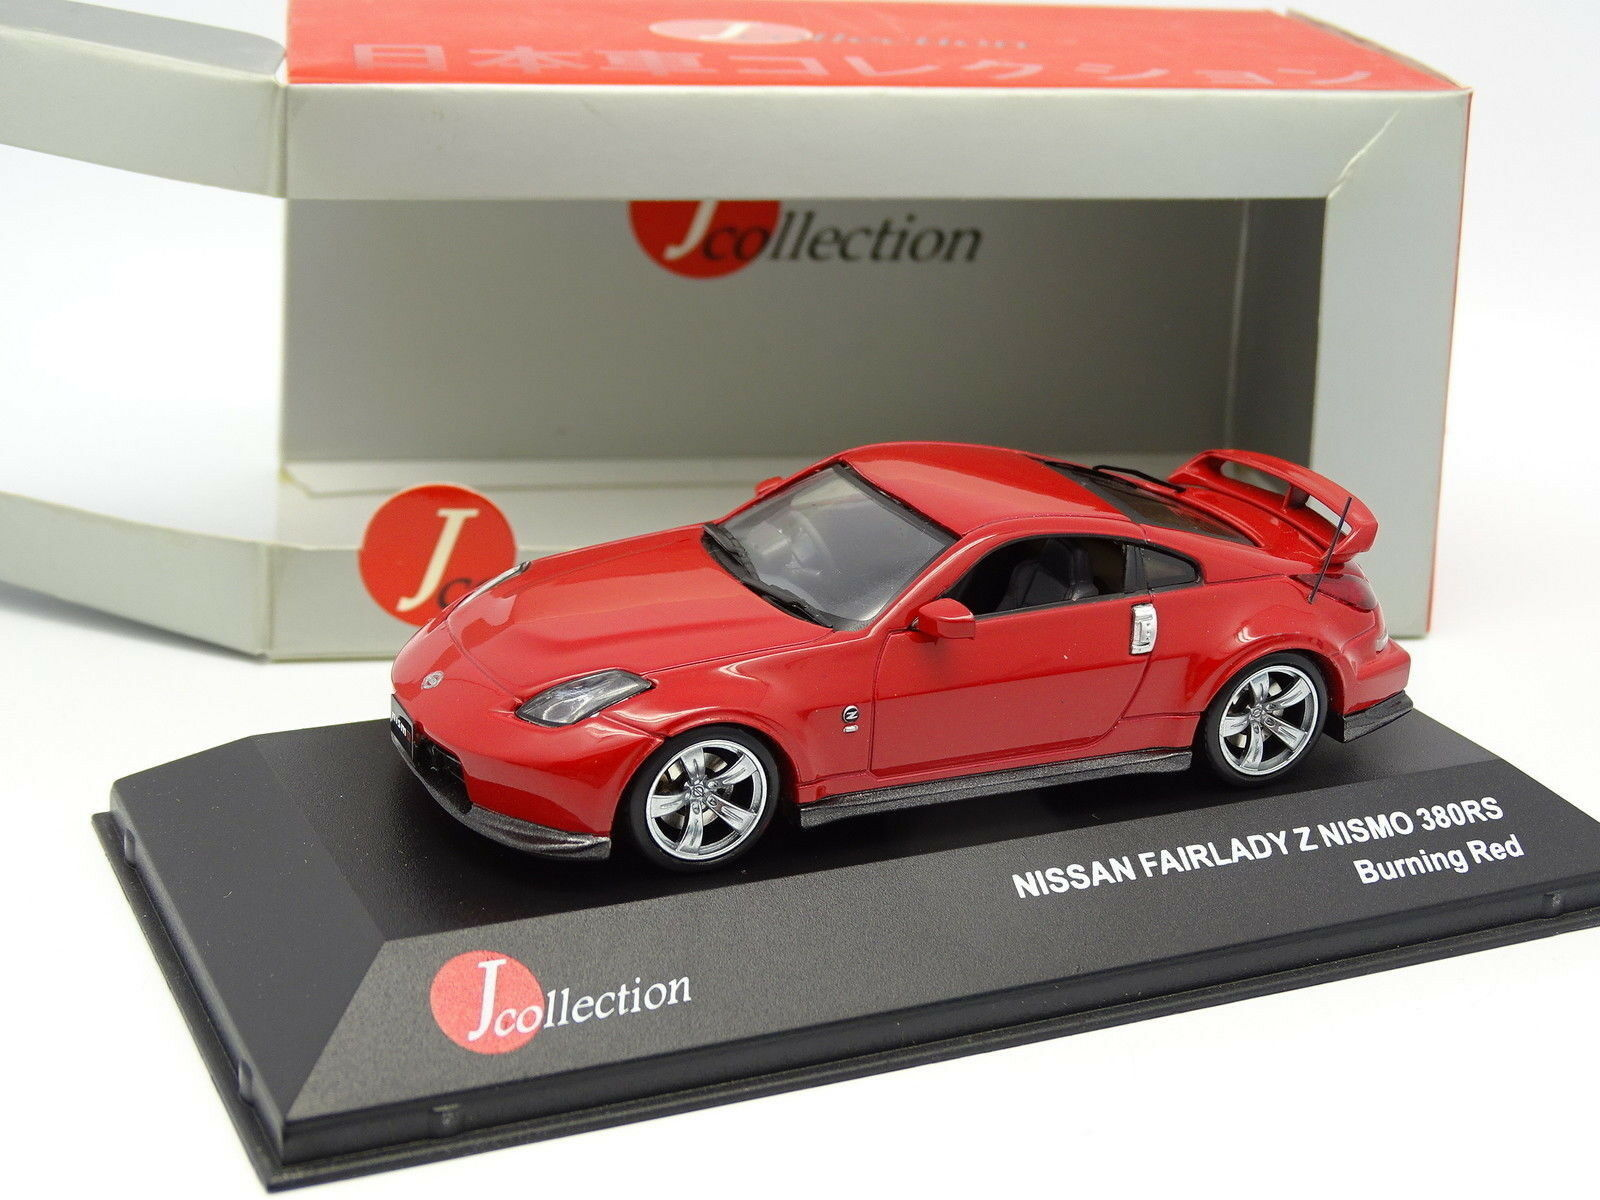 negozio online J Collection 1 43 - Nissan Nissan Nissan Fairlady Z Nismo 380 Rs Burning Rosso  promozioni di squadra